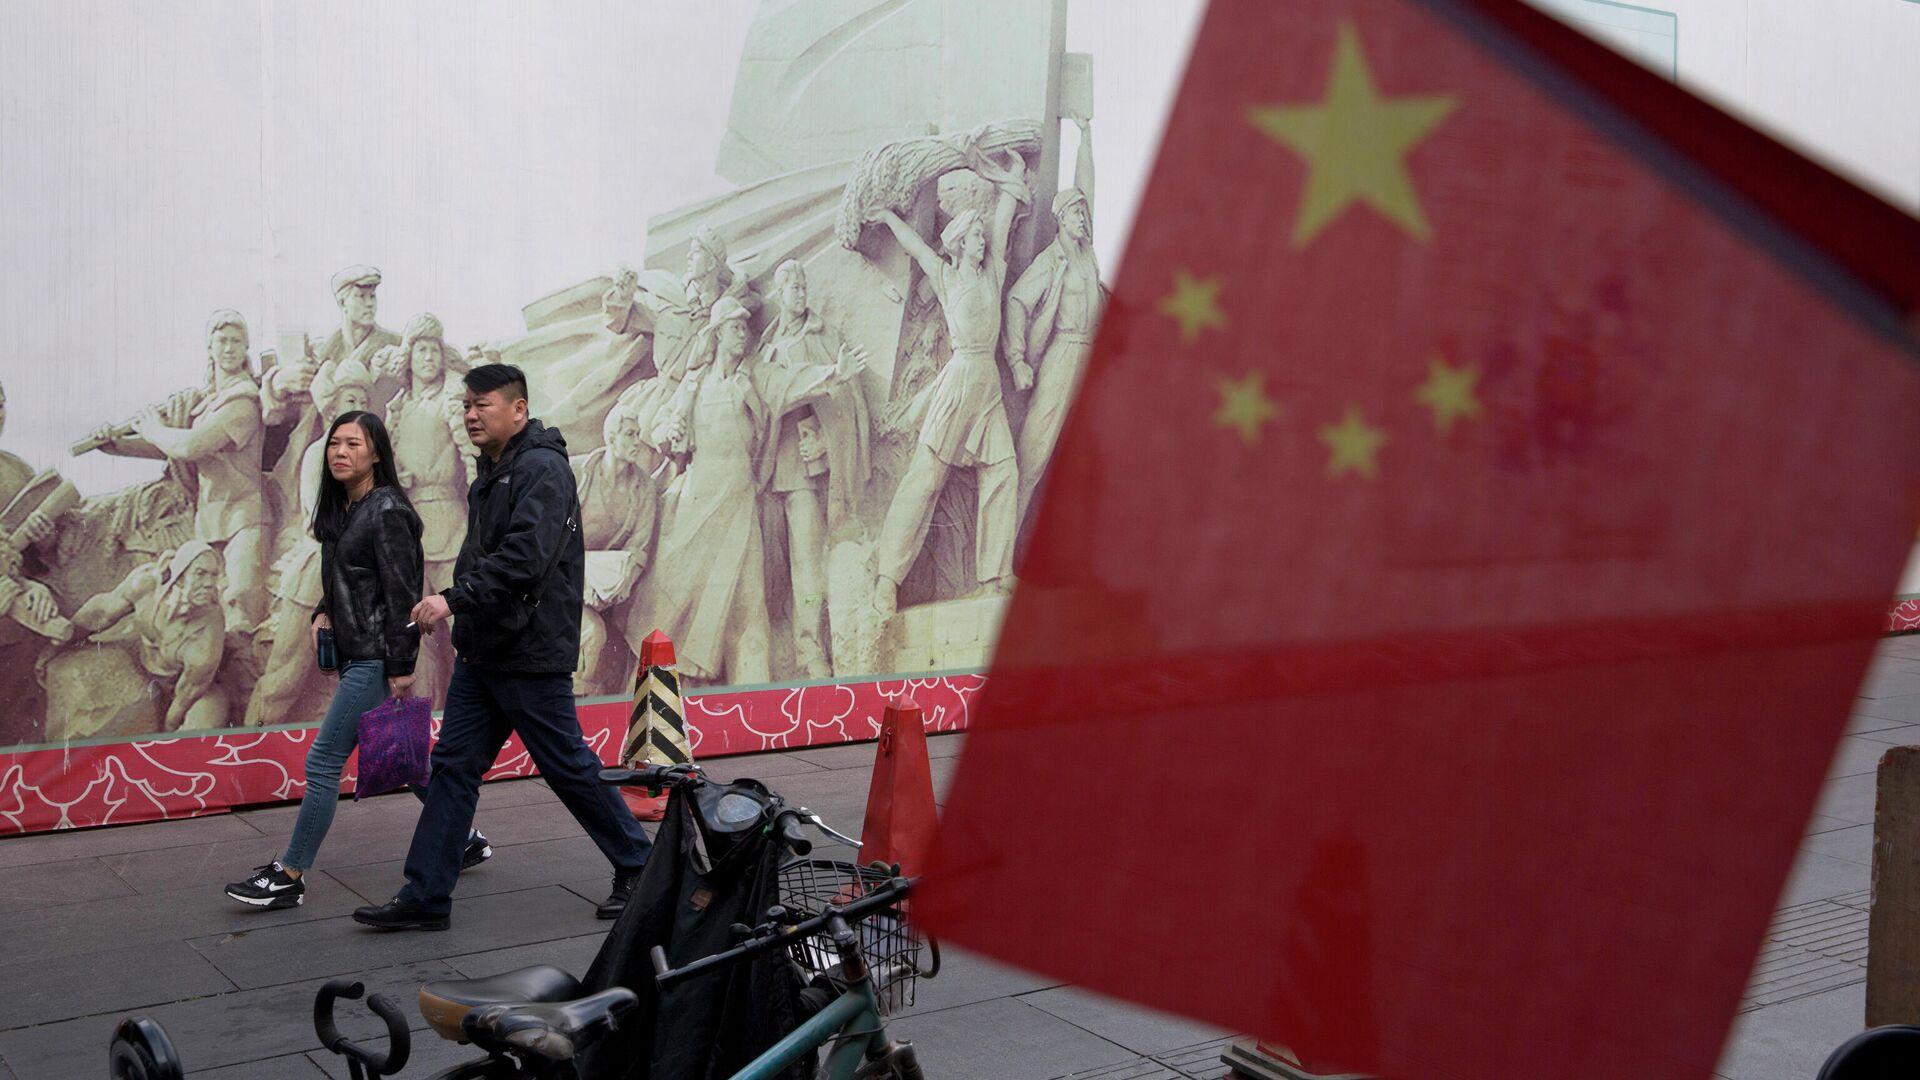 Покупатели в торговом центре в Пекине, КНР - РИА Новости, 1920, 07.03.2021